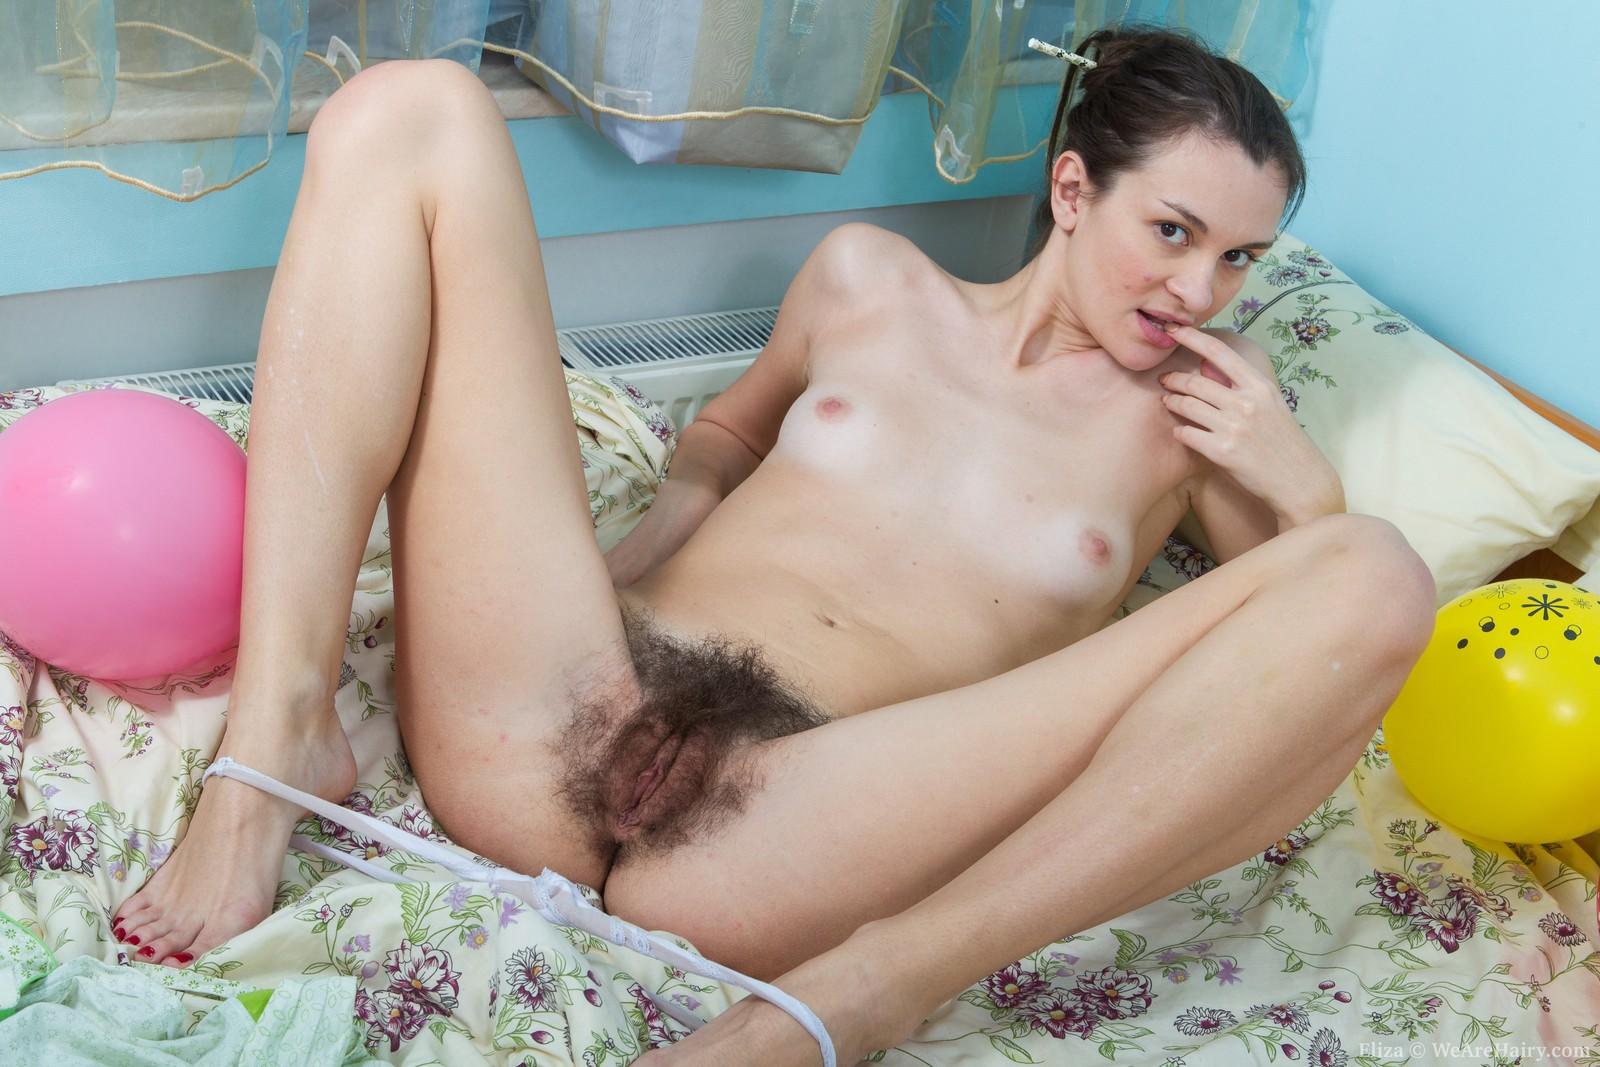 Секс с небритой девушкой, Волосатая пизда - порно бесплатно на 24 видео 6 фотография